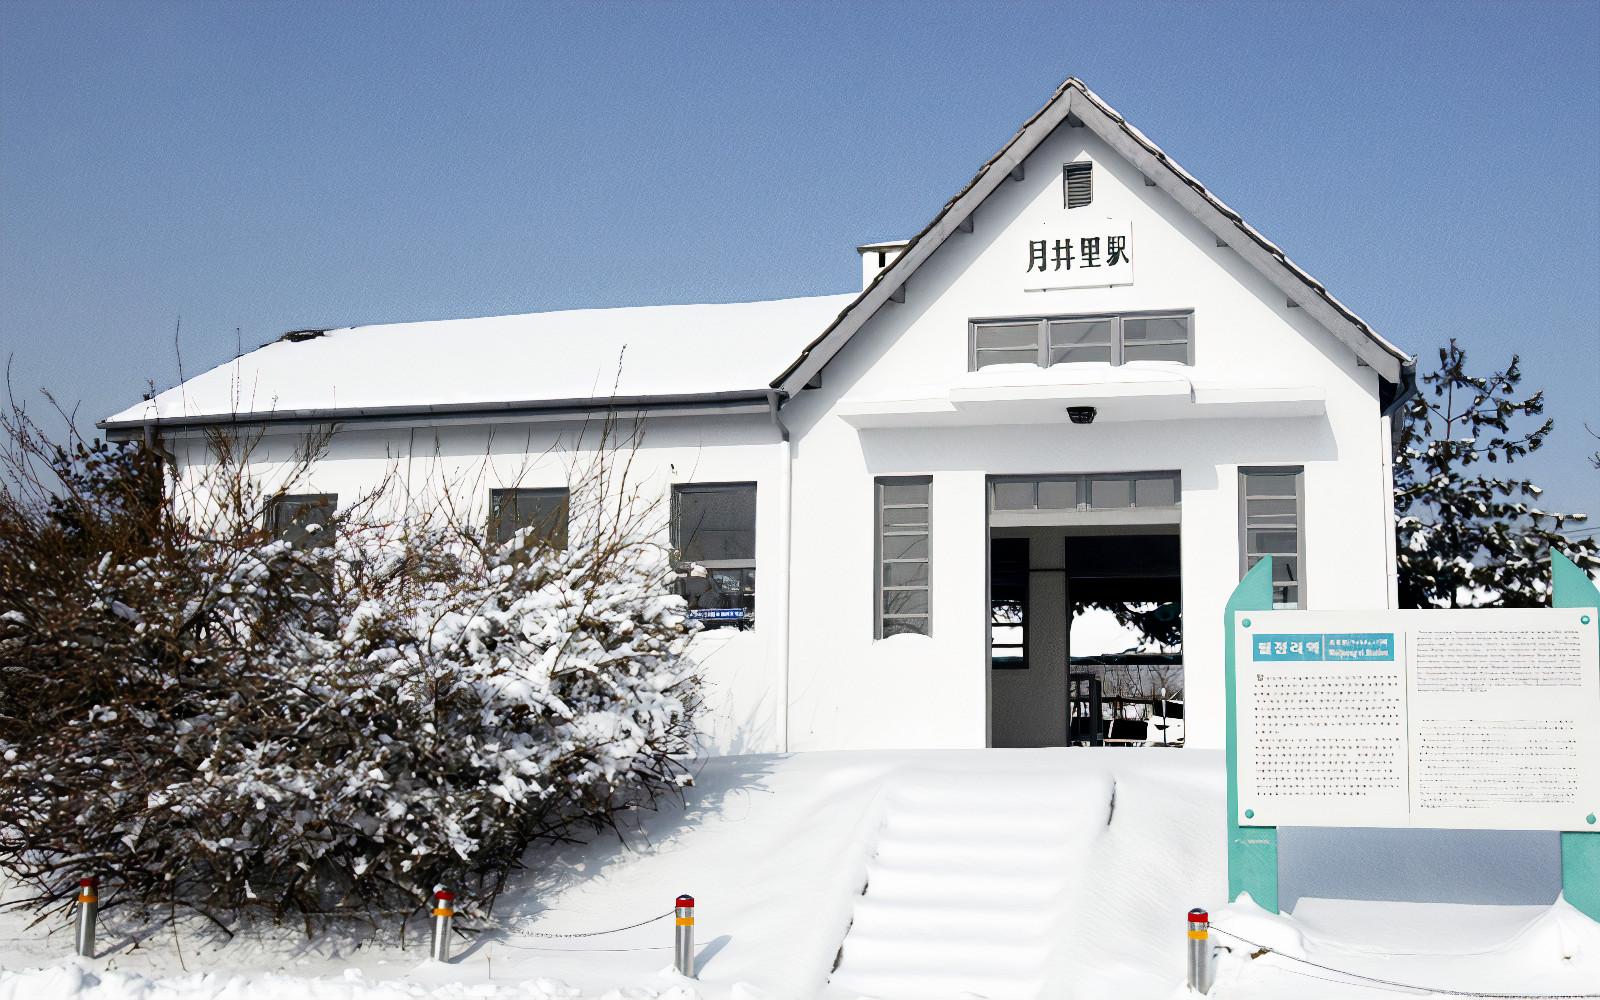 สถานี วอลจองรี : Woljeong-ri Station